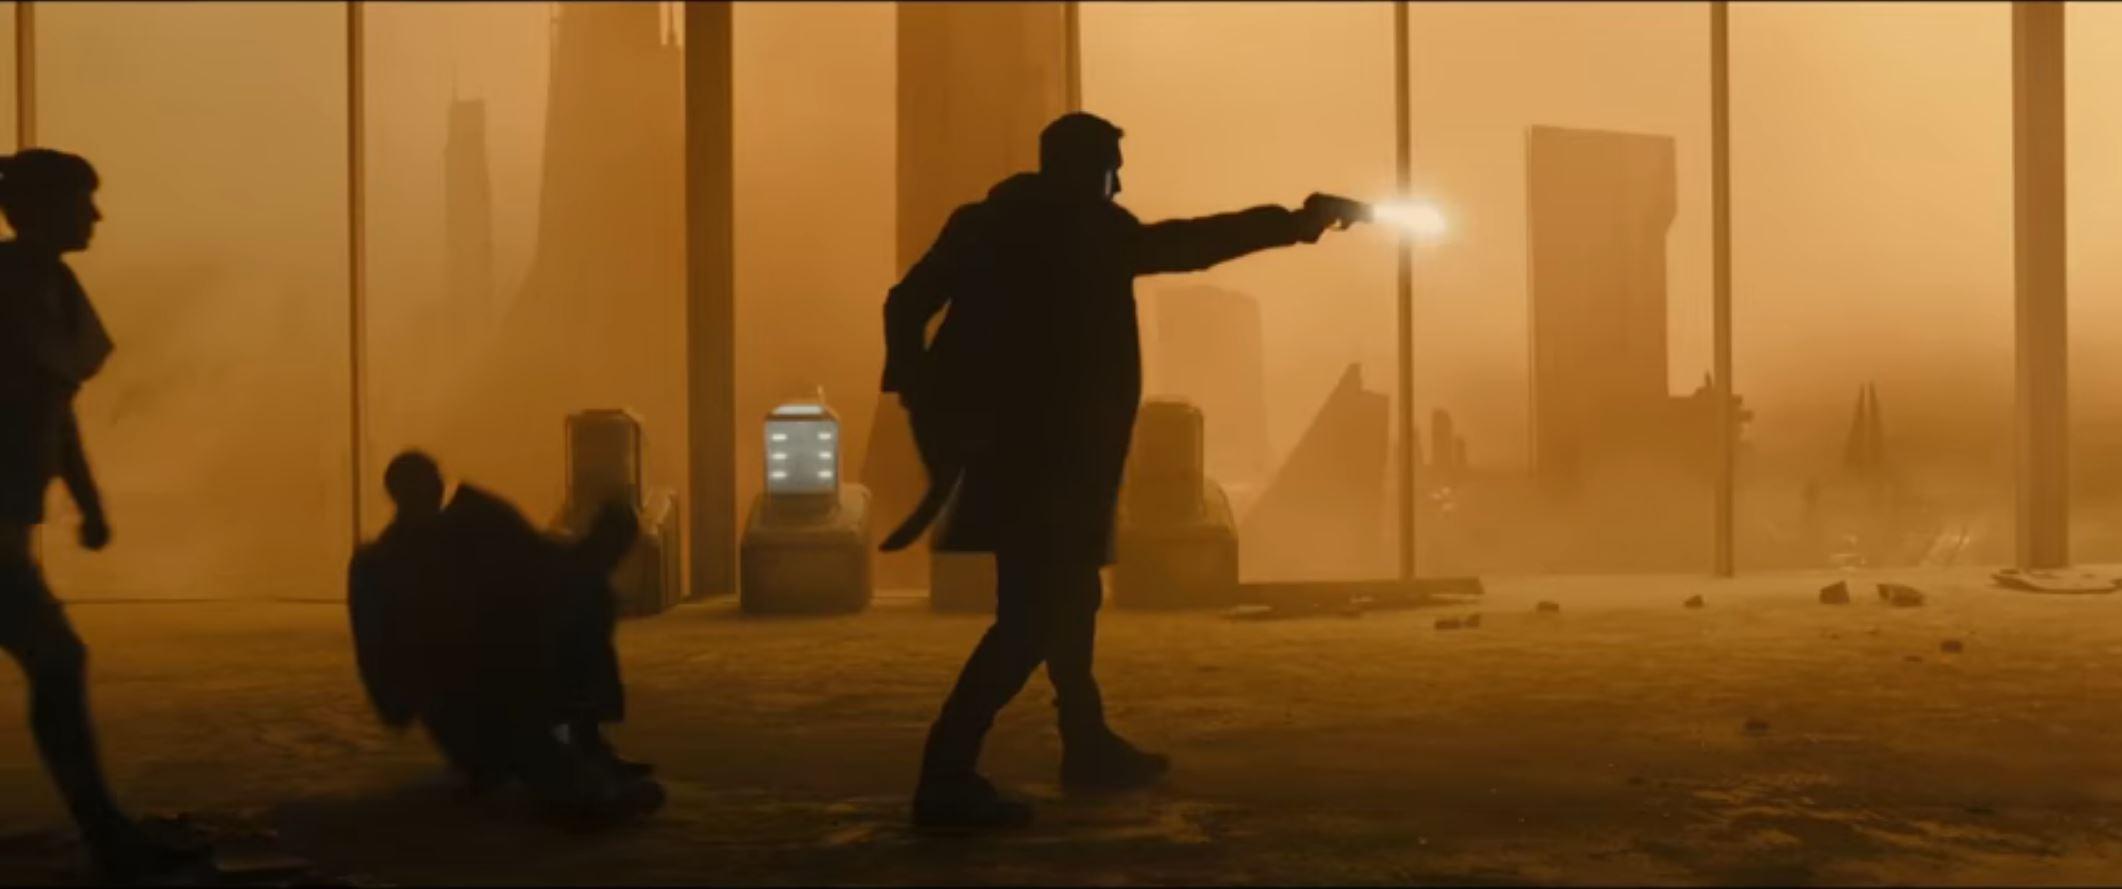 BLADE RUNNER 2049 Trailer # 2